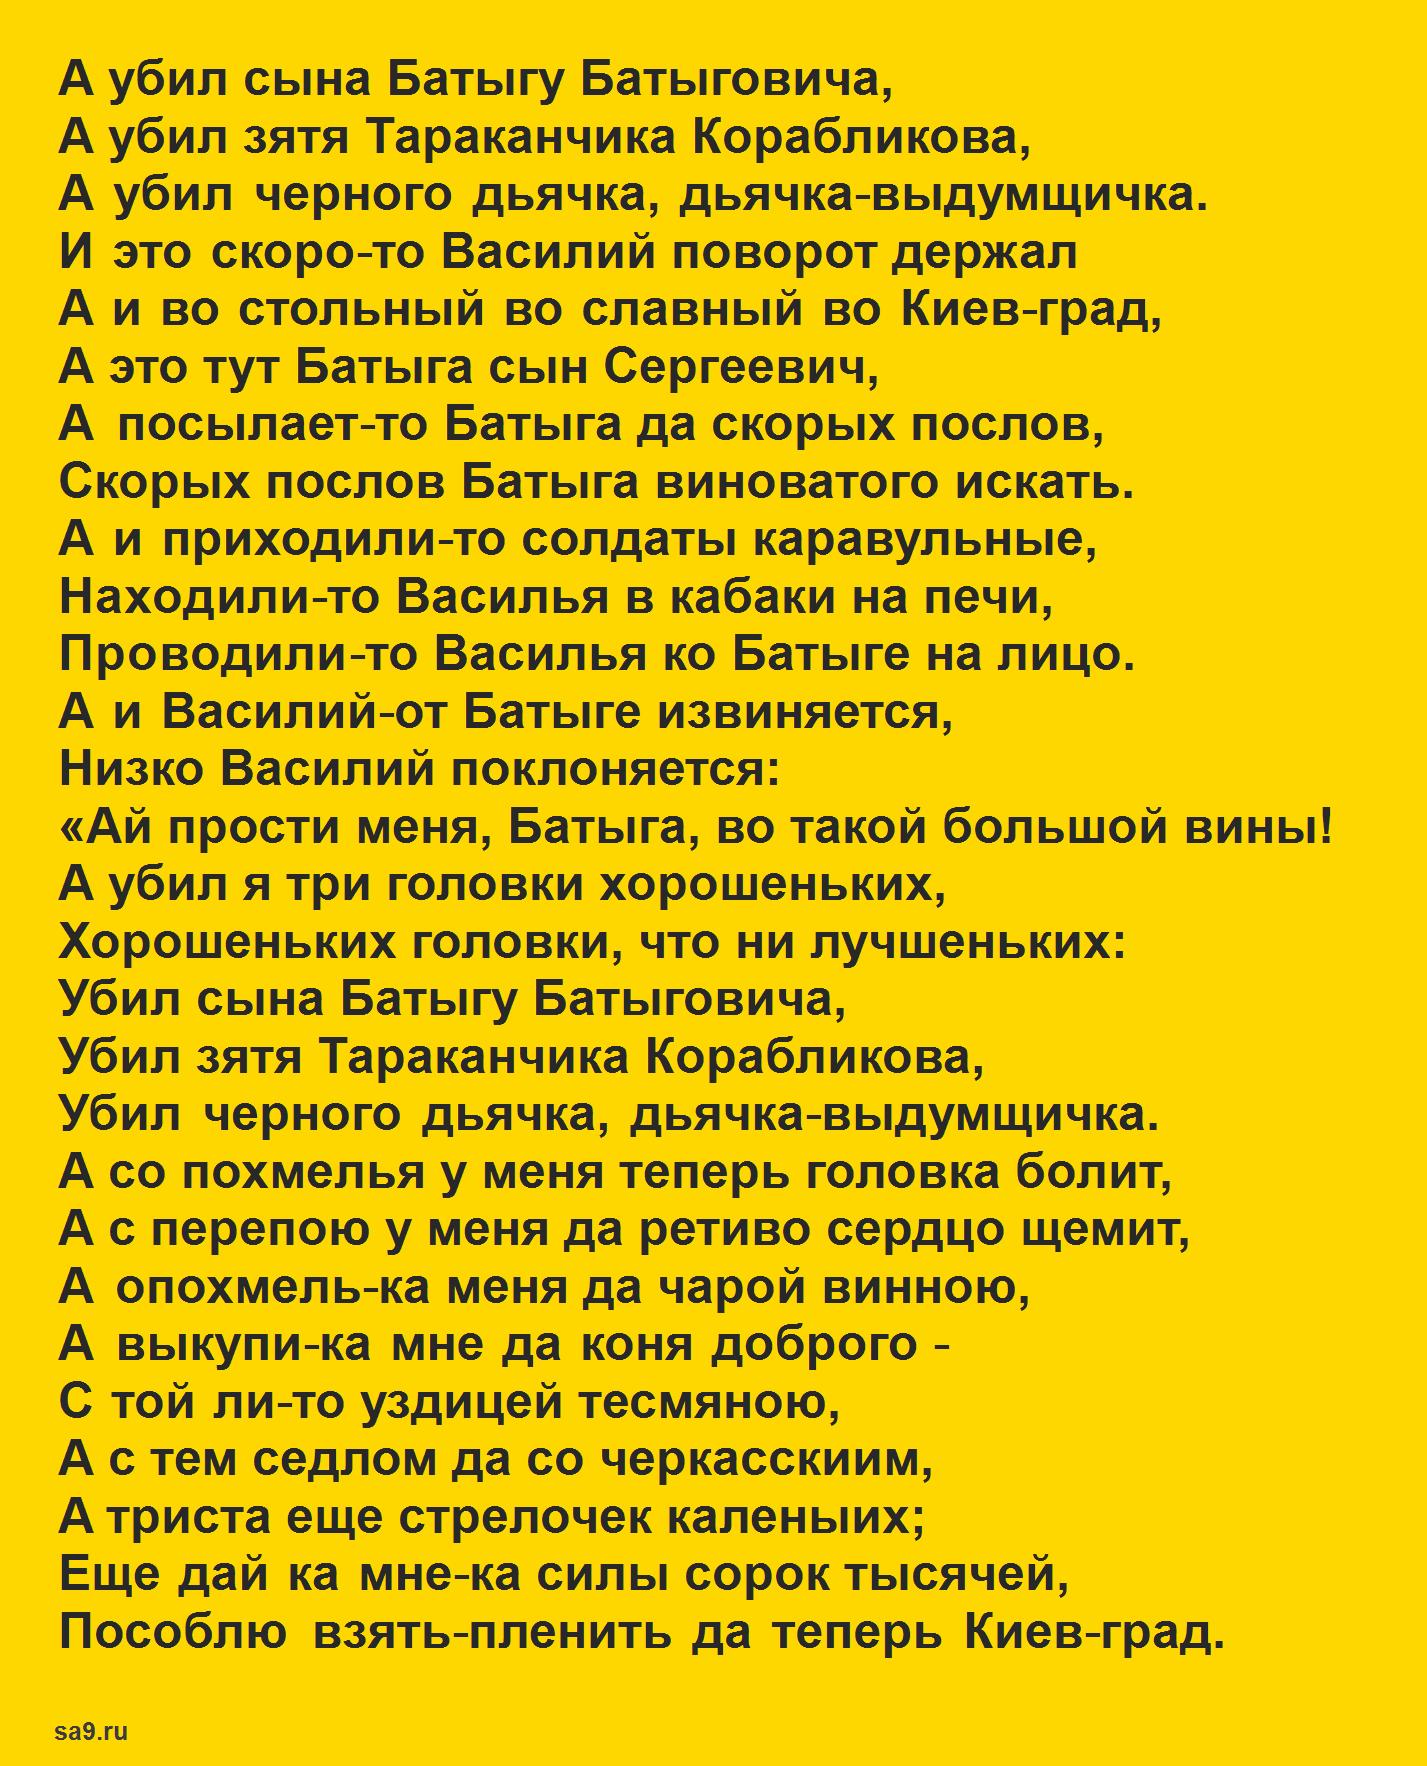 Читать былину - Василий Игнатьевич и Батыга, полностью бесплатно